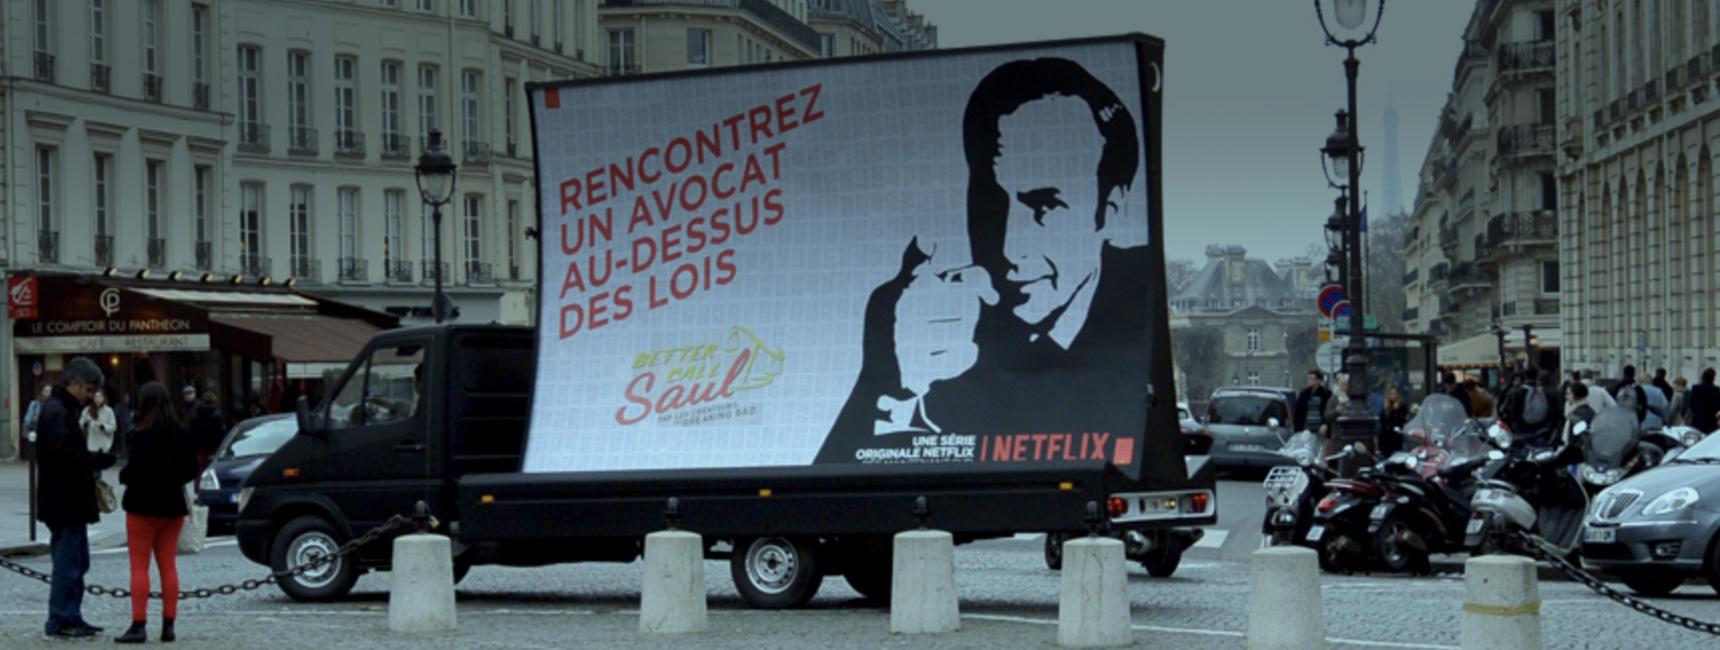 Dispositifs d'affichage mobile - Keemia Paris Agence marketing local en région Île-de-France